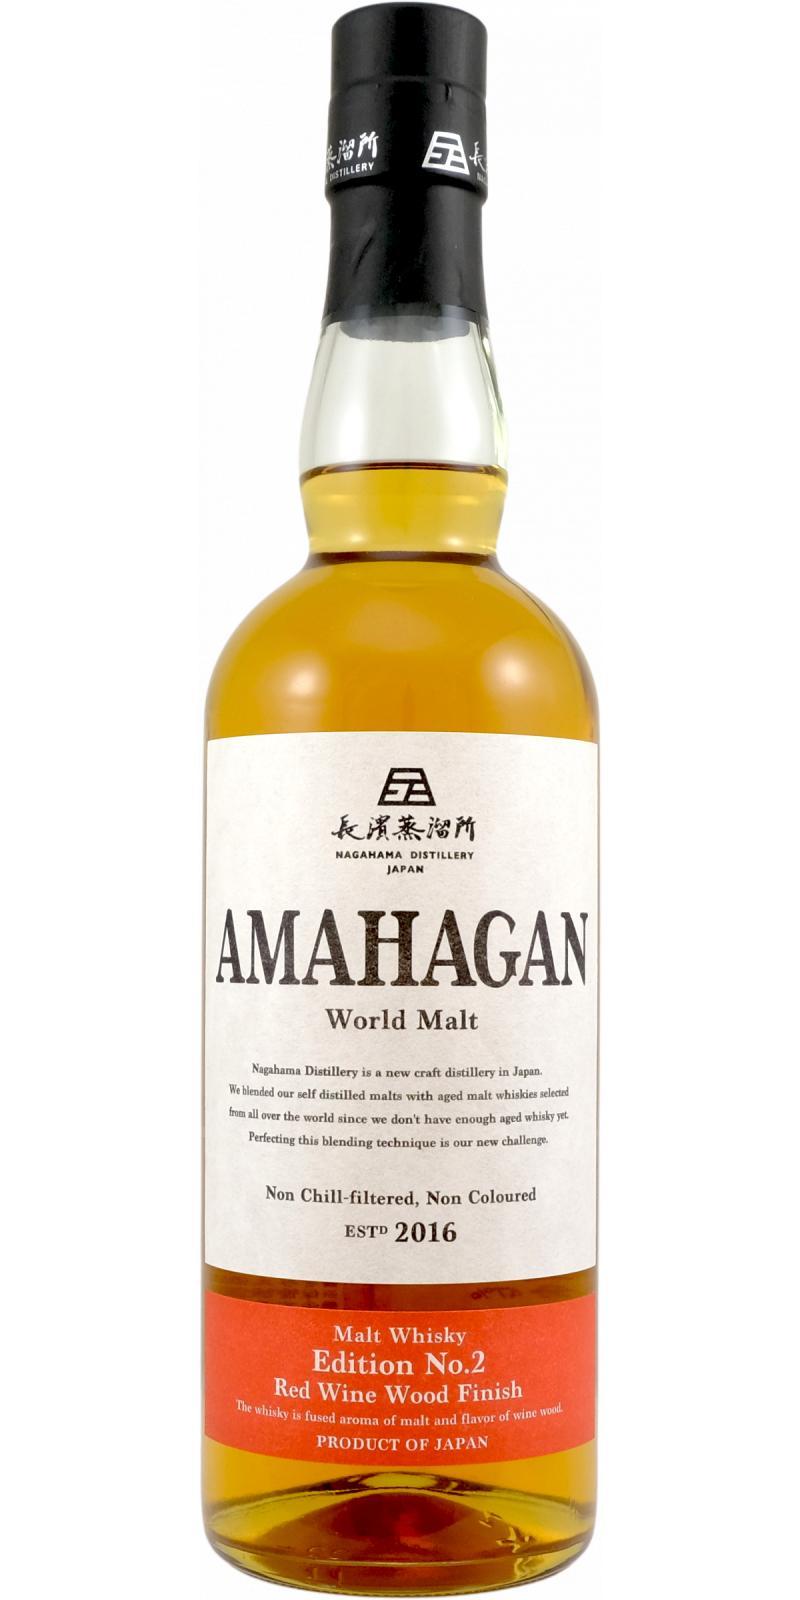 Amahagan World Malt